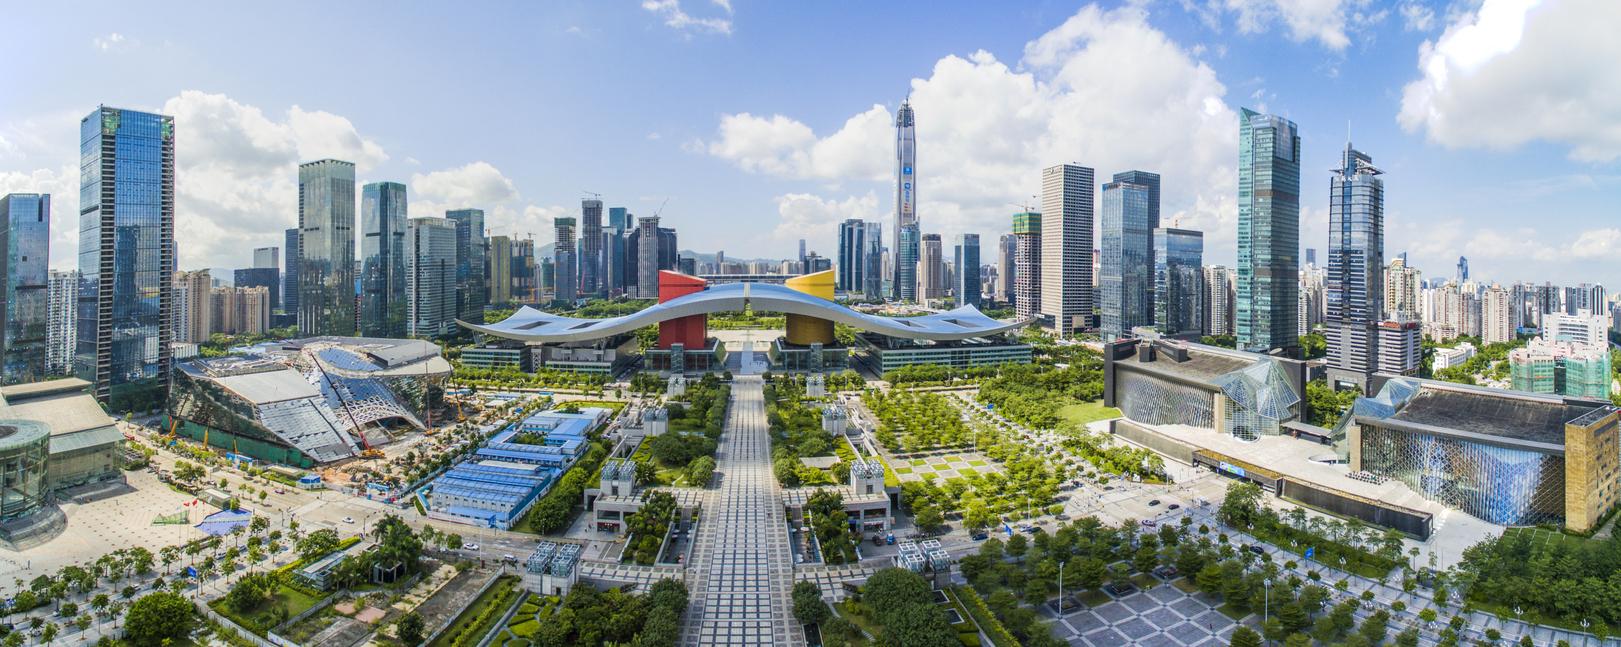 Wie werden die Städte der Welt in Zukunft aussehen?